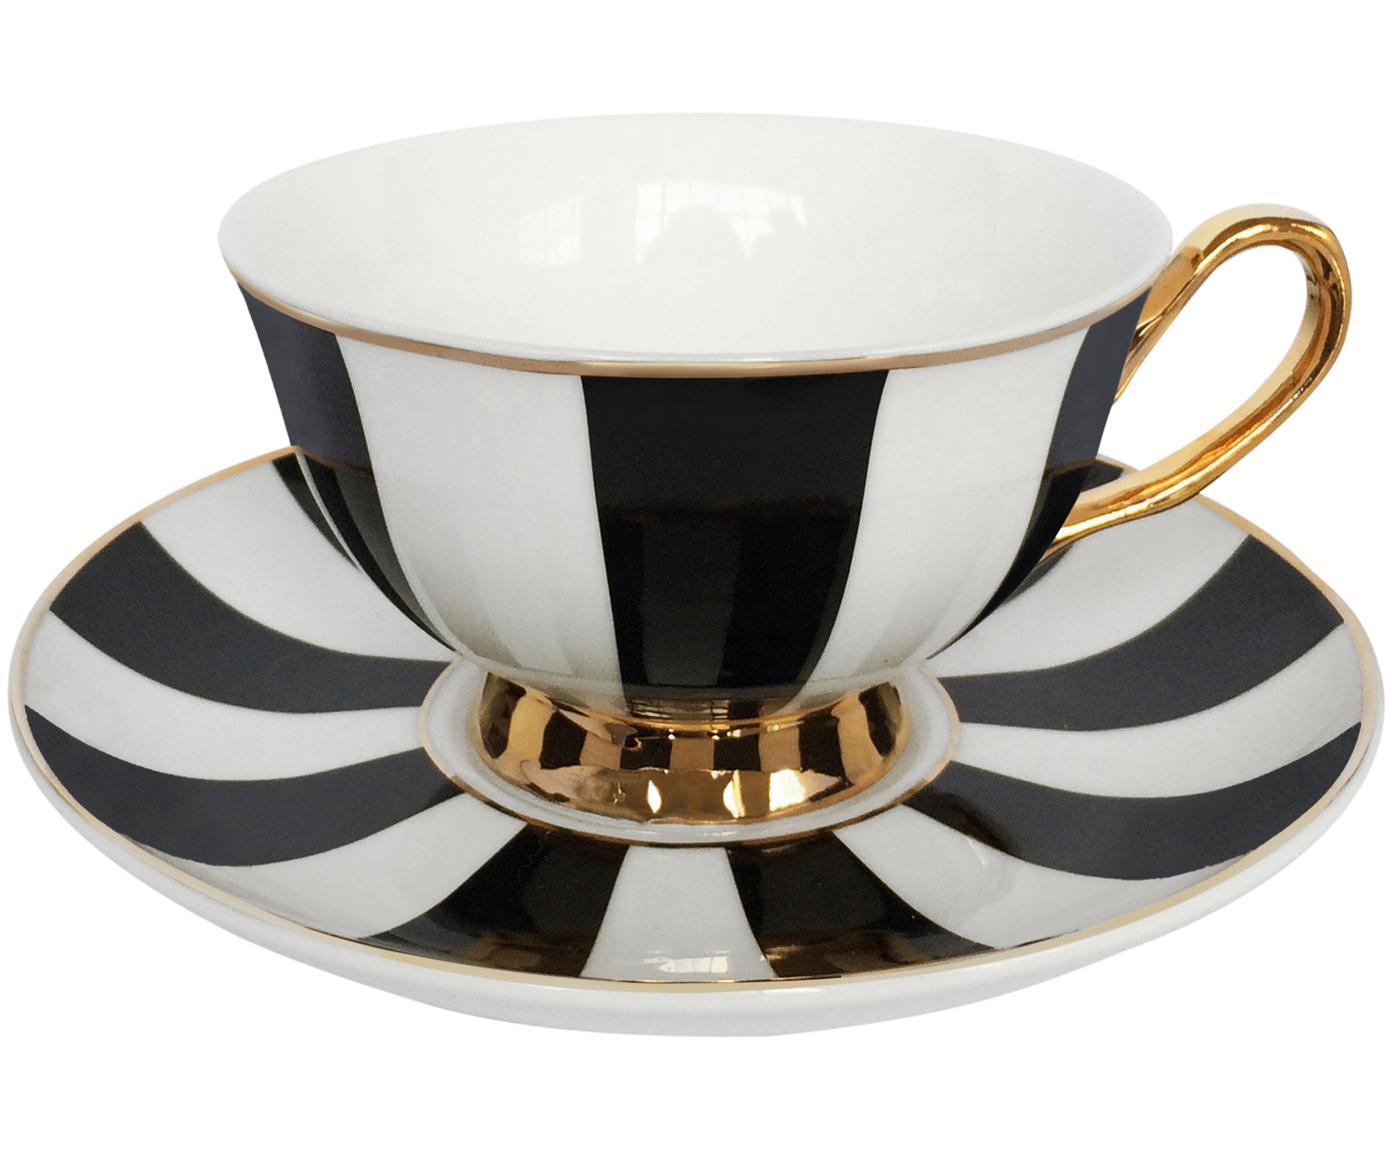 Filiżanka do herbaty ze spodkiem Stripy, Porcelana chińska, pozłacana, Czarny, biały Krawędź i uchwyt: złoty, Ø 15 x W 6 cm